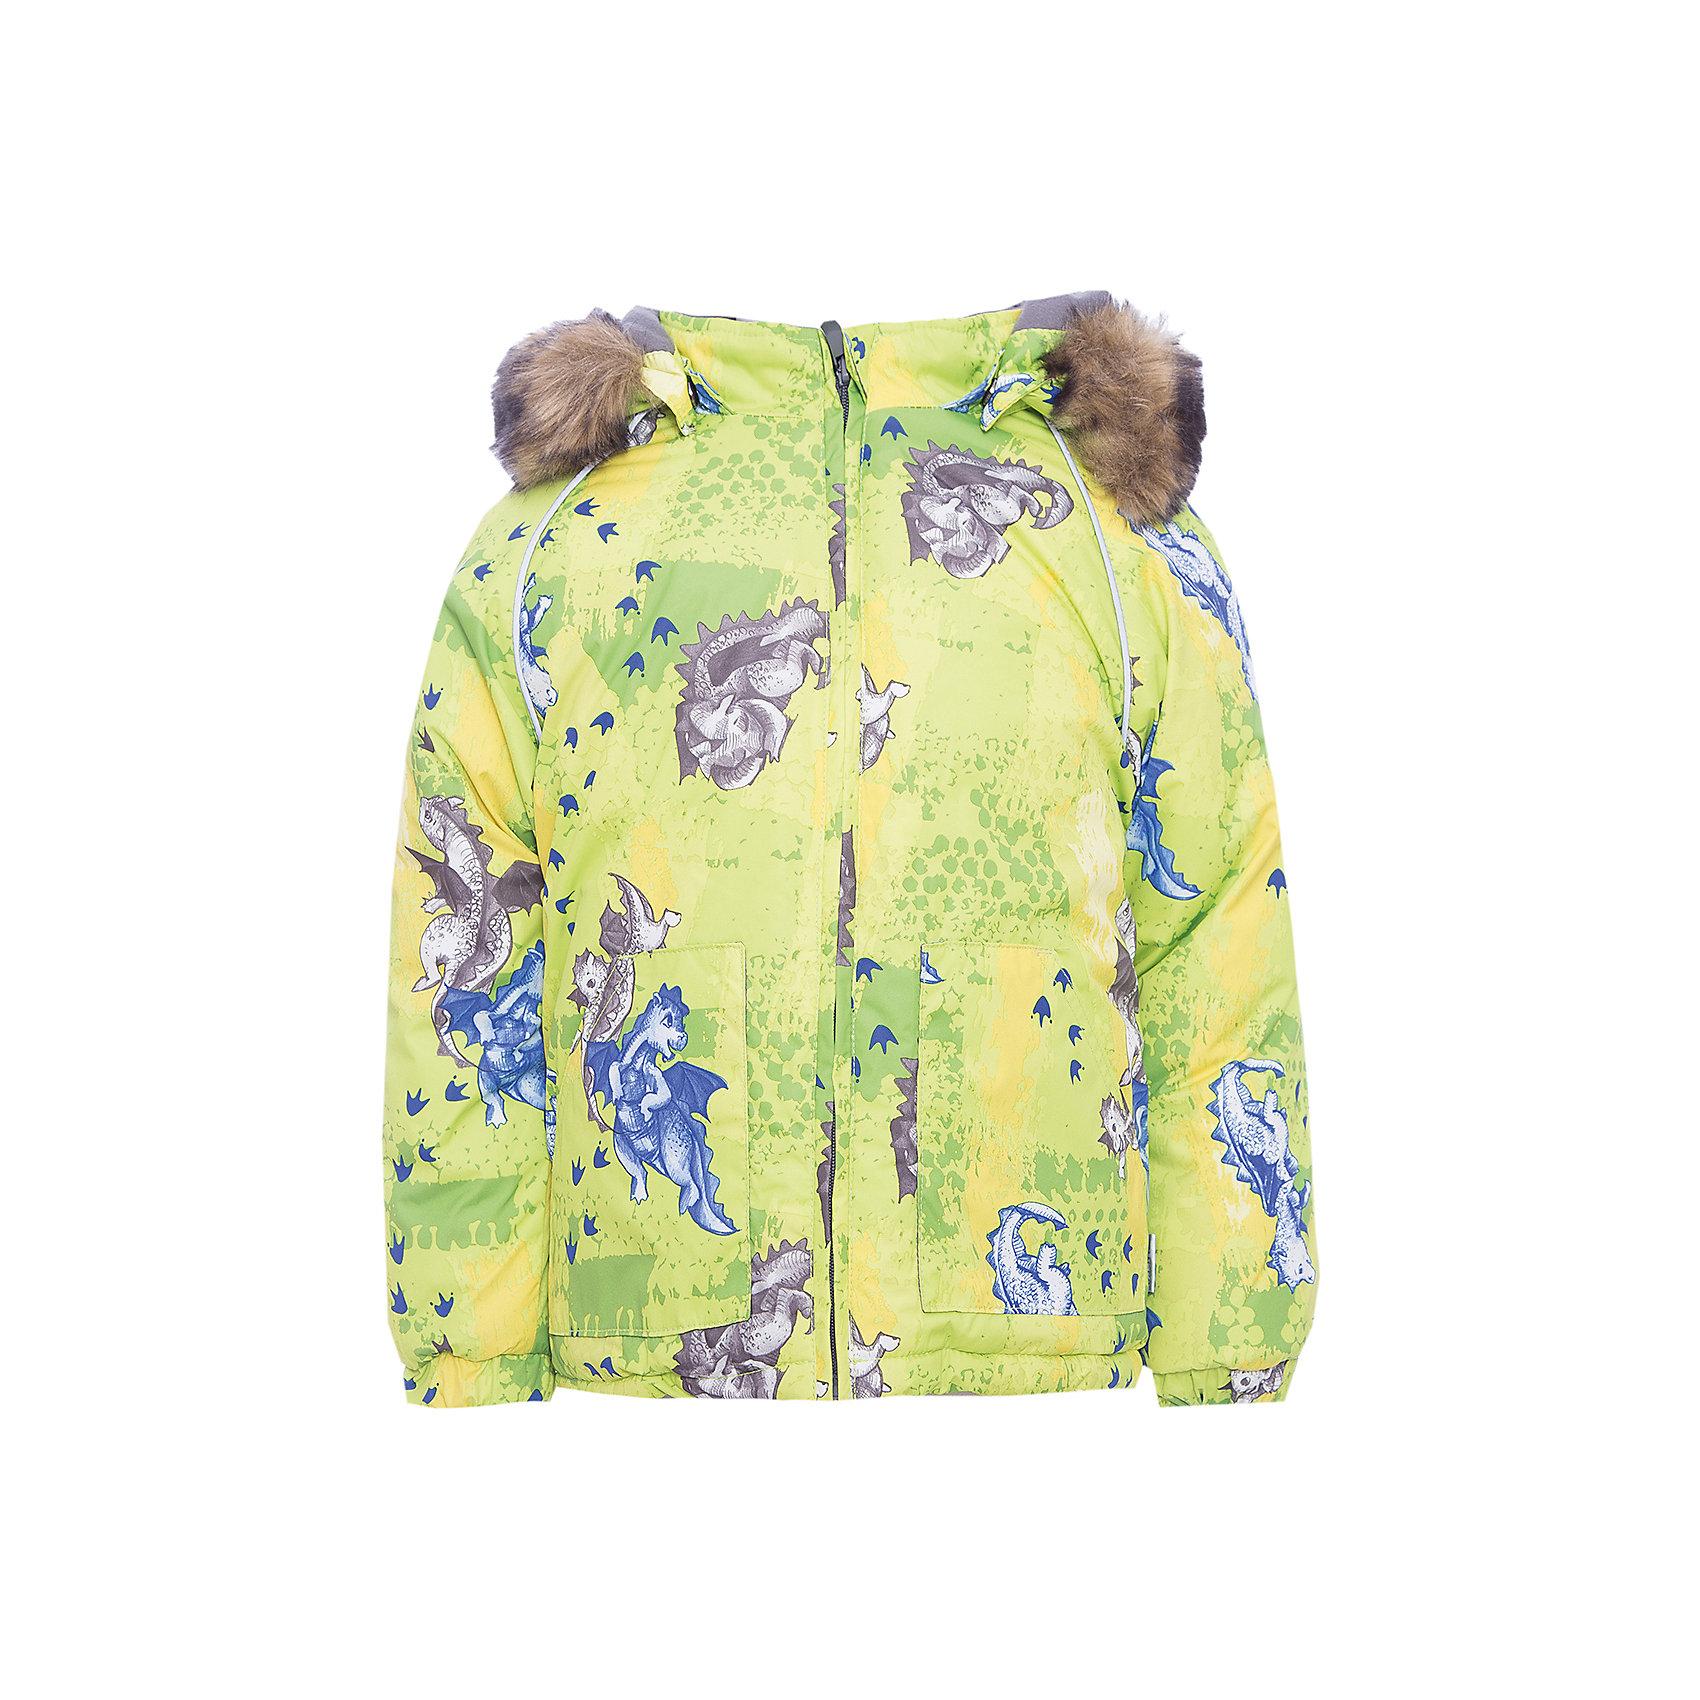 Куртка VIRGO HuppaЗимние куртки<br>Куртка для малышей VIRGO.Водо и воздухонепроницаемость 5 000. Утеплитель 300 гр. Подкладка фланель 100% хлопок. Отстегивающийся капюшон с мехом. Манжеты рукавов на резинке. Имеются светоотражательные детали.<br>Состав:<br>100% Полиэстер<br><br>Ширина мм: 356<br>Глубина мм: 10<br>Высота мм: 245<br>Вес г: 519<br>Цвет: зеленый<br>Возраст от месяцев: 36<br>Возраст до месяцев: 48<br>Пол: Унисекс<br>Возраст: Детский<br>Размер: 104,80,86,92,98<br>SKU: 7027240